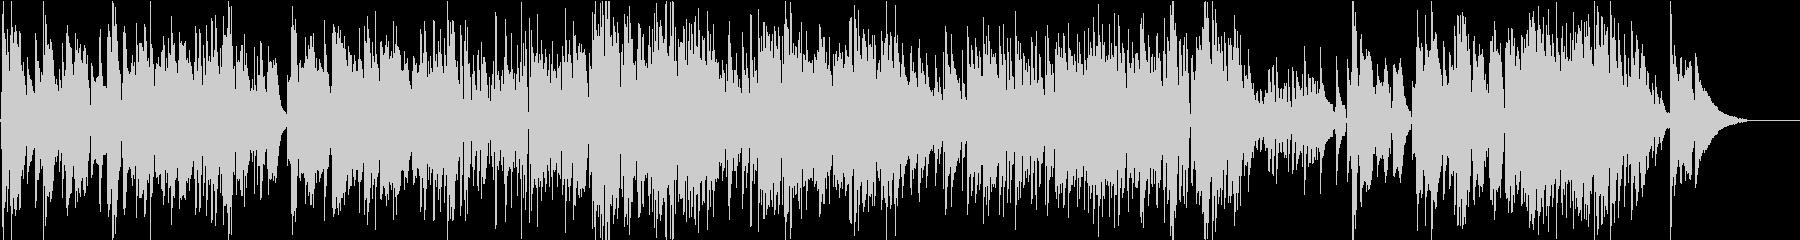 バリトンサックスとアコギのワルツの未再生の波形